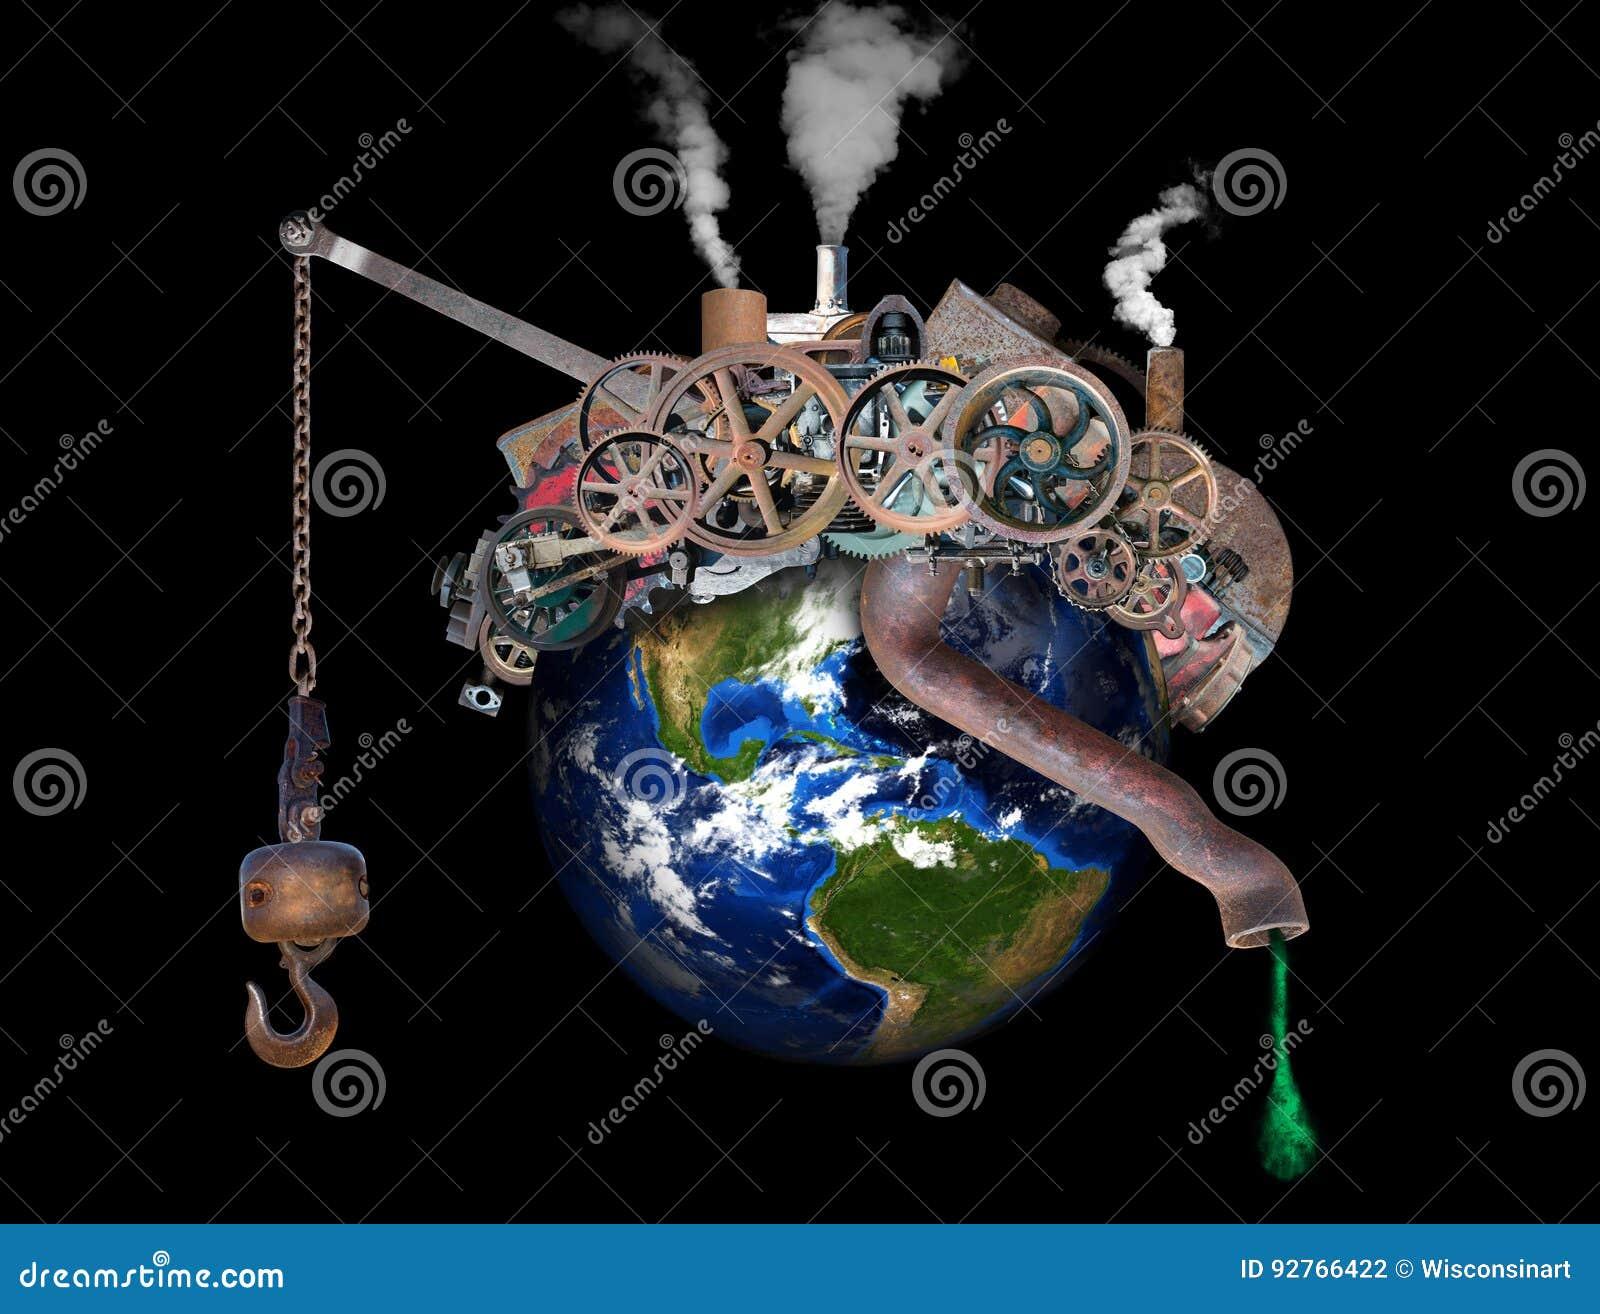 Globalny nagrzanie, zmiana klimatu, zanieczyszczenie